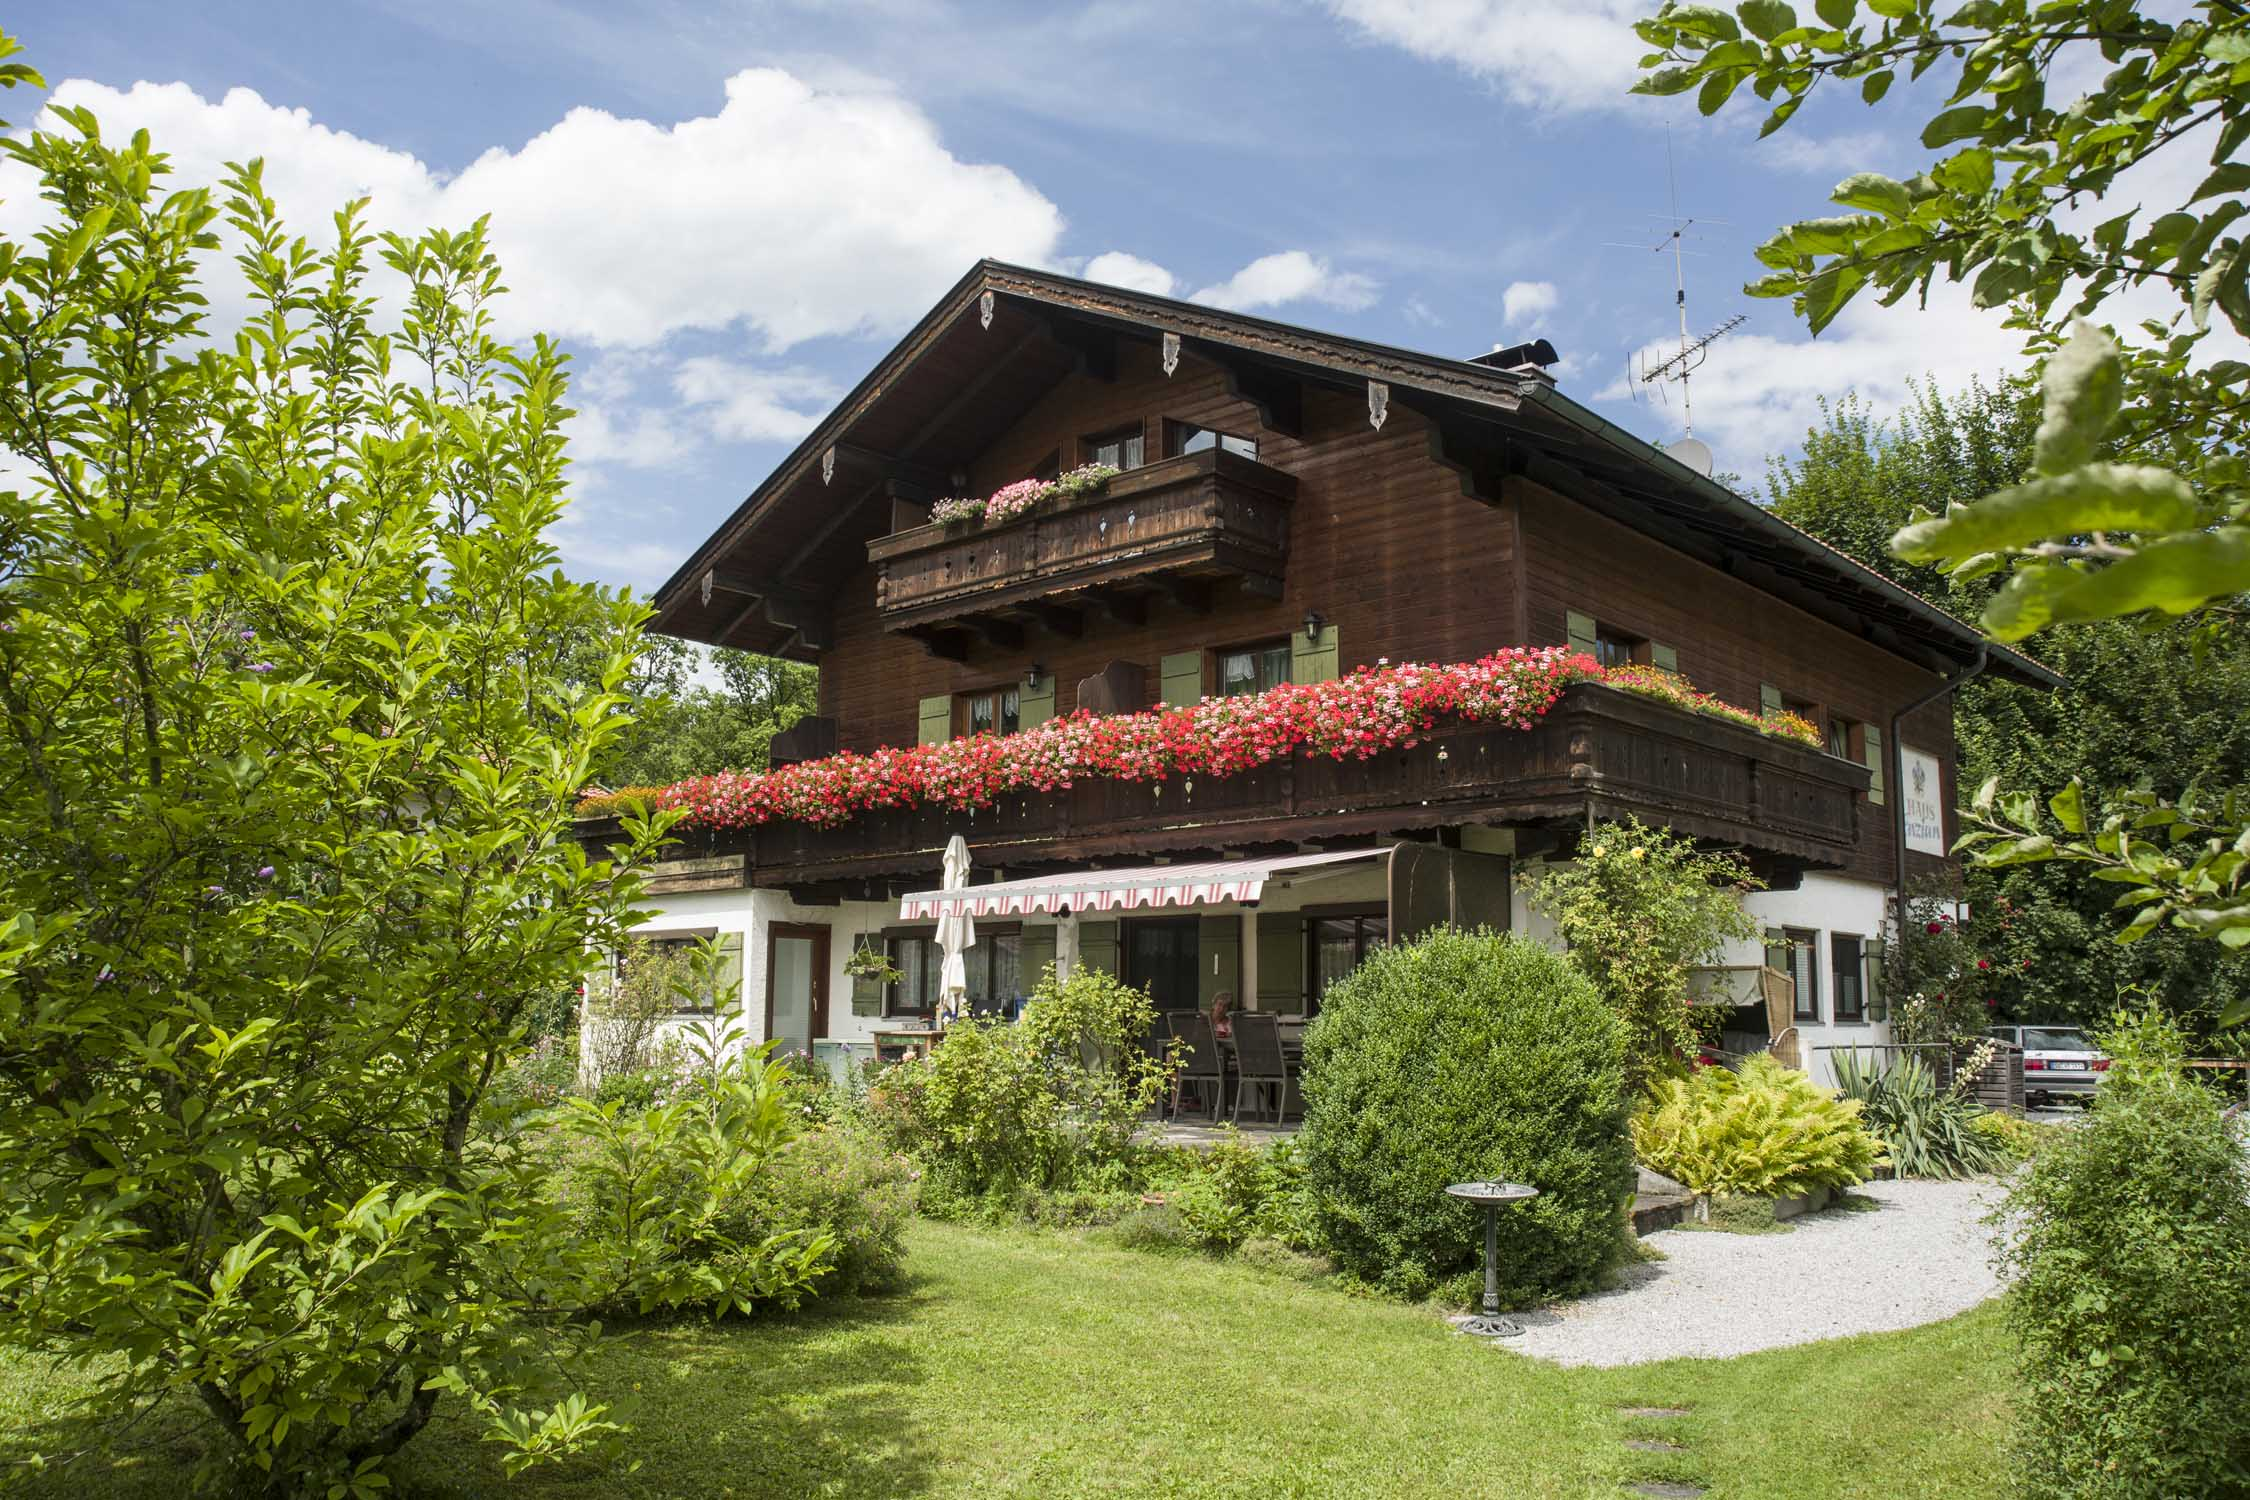 Ferienwohnung Haus Enzian (DE Oberaudorf). 1-Zimmer Ferienwohnung 35qm (709911), Oberaudorf, Chiemgau, Bayern, Deutschland, Bild 1